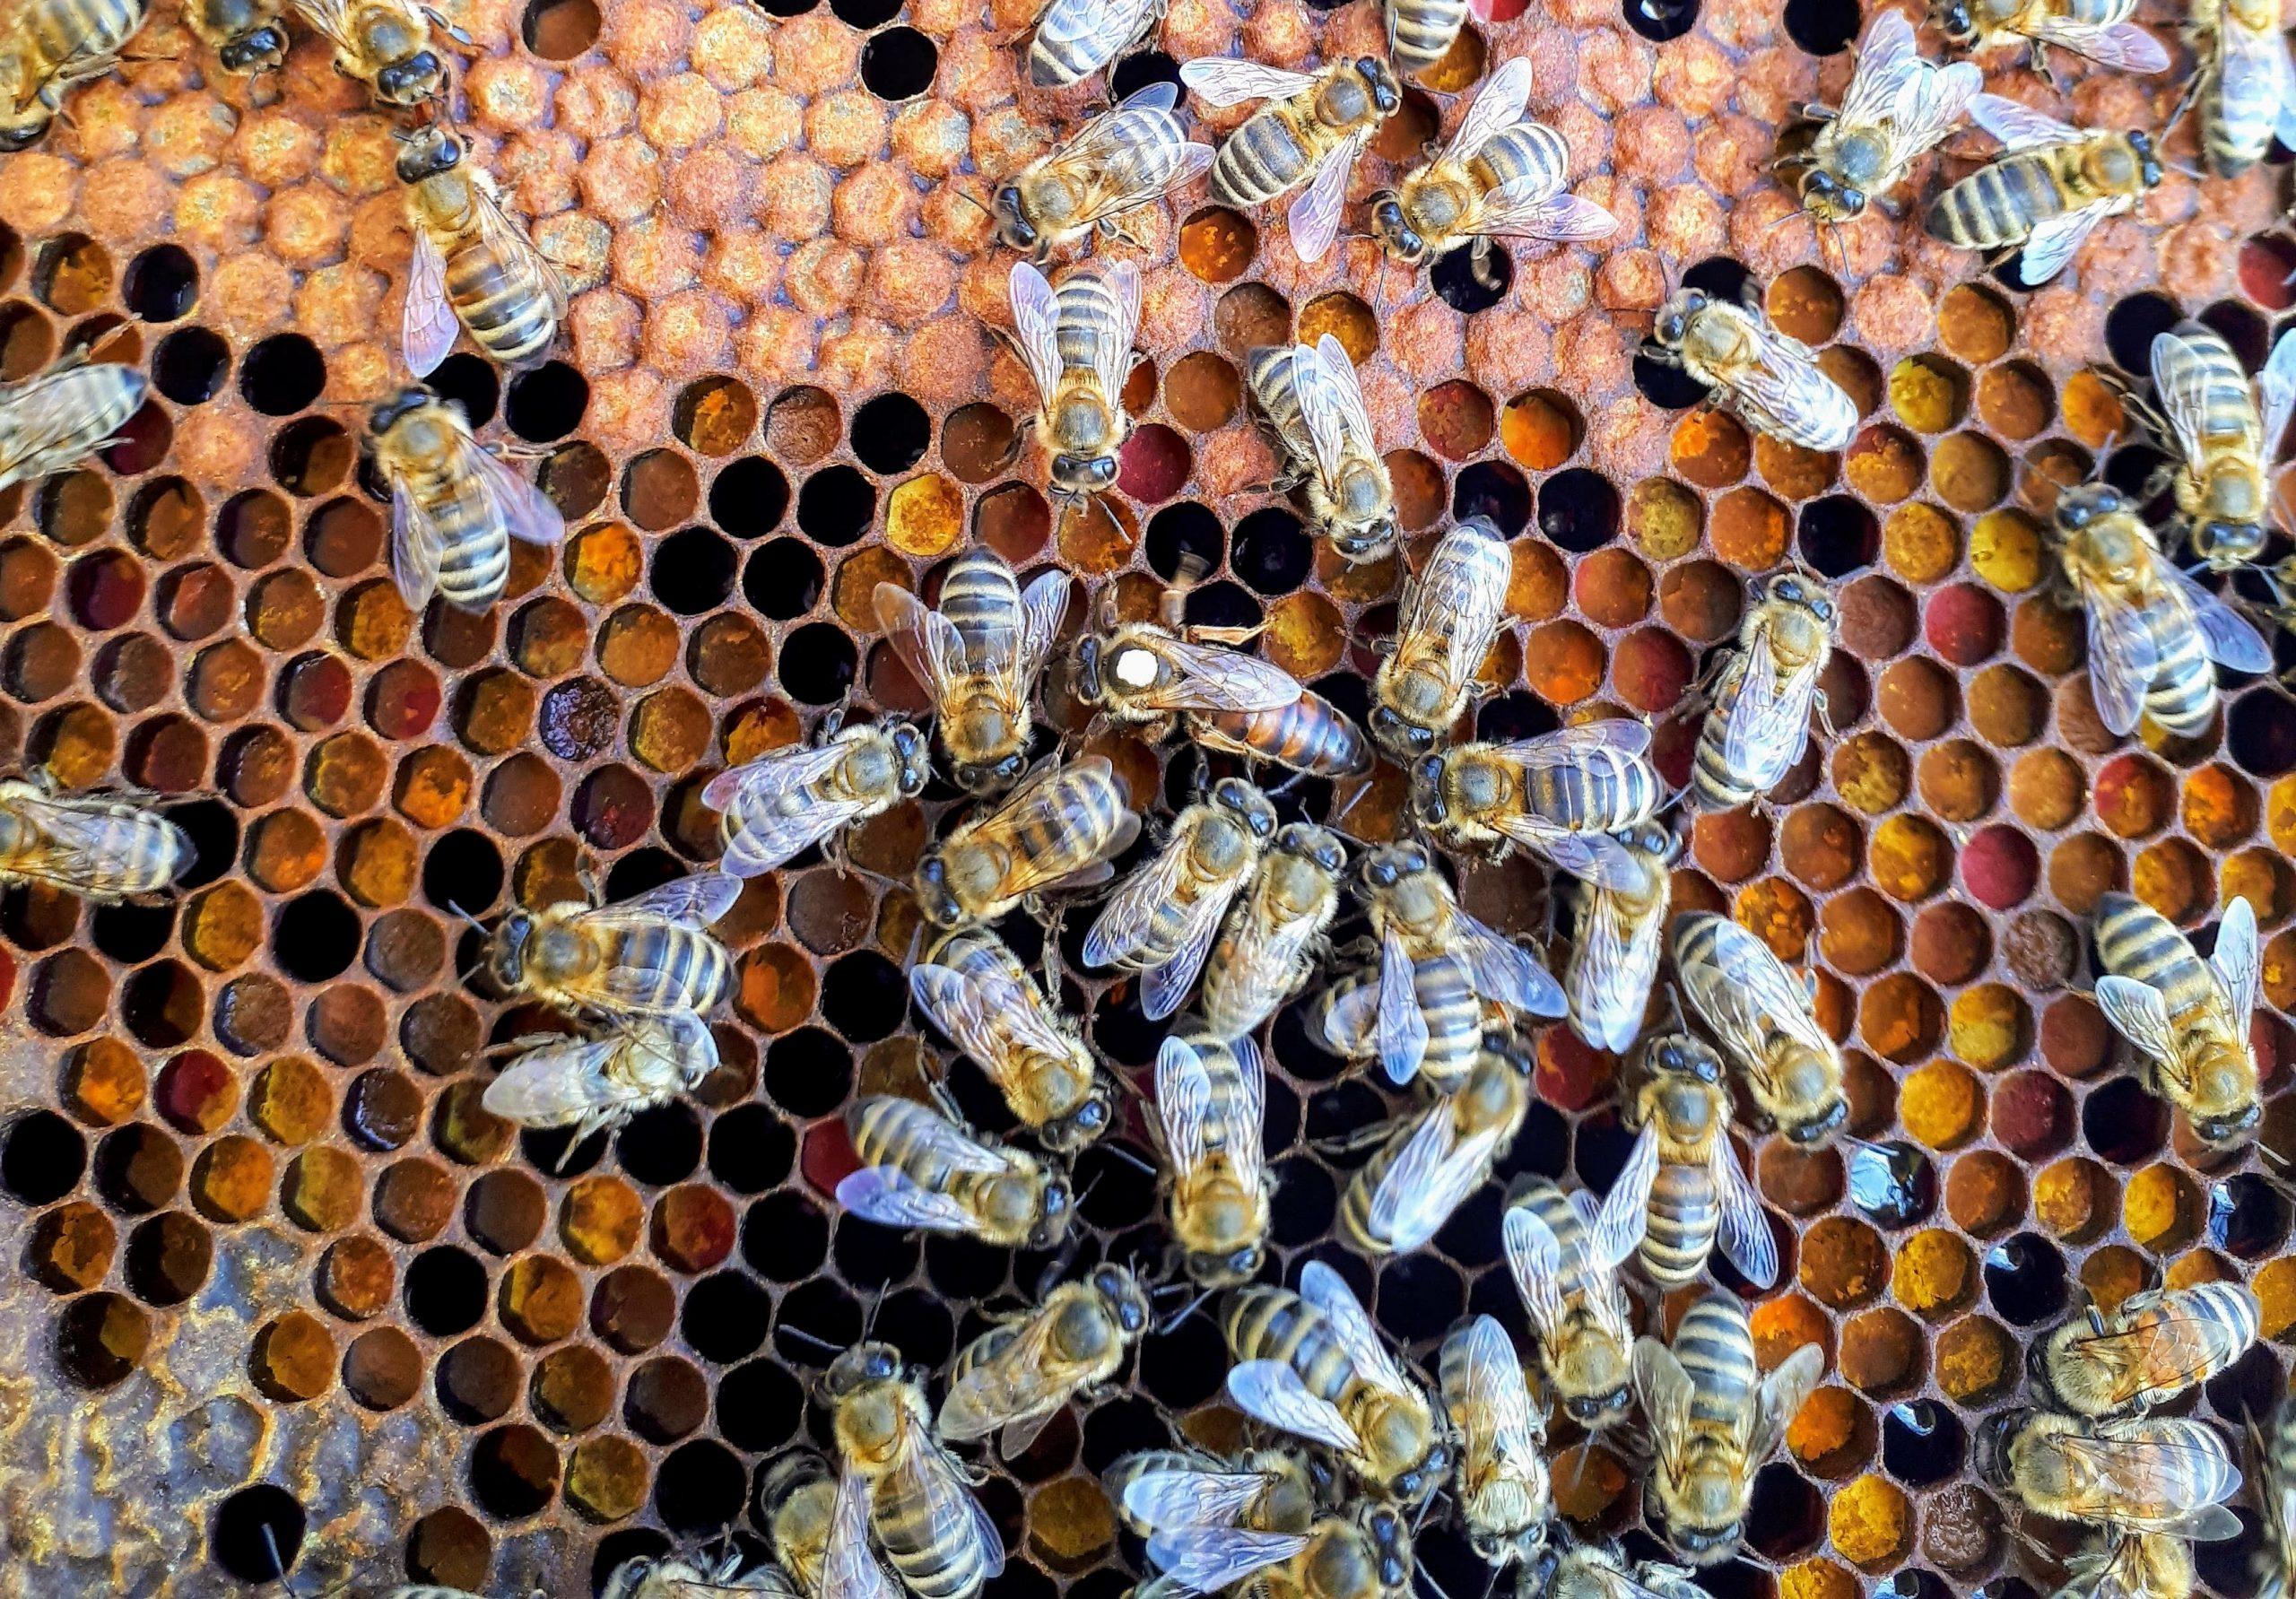 Bees Queen Bee